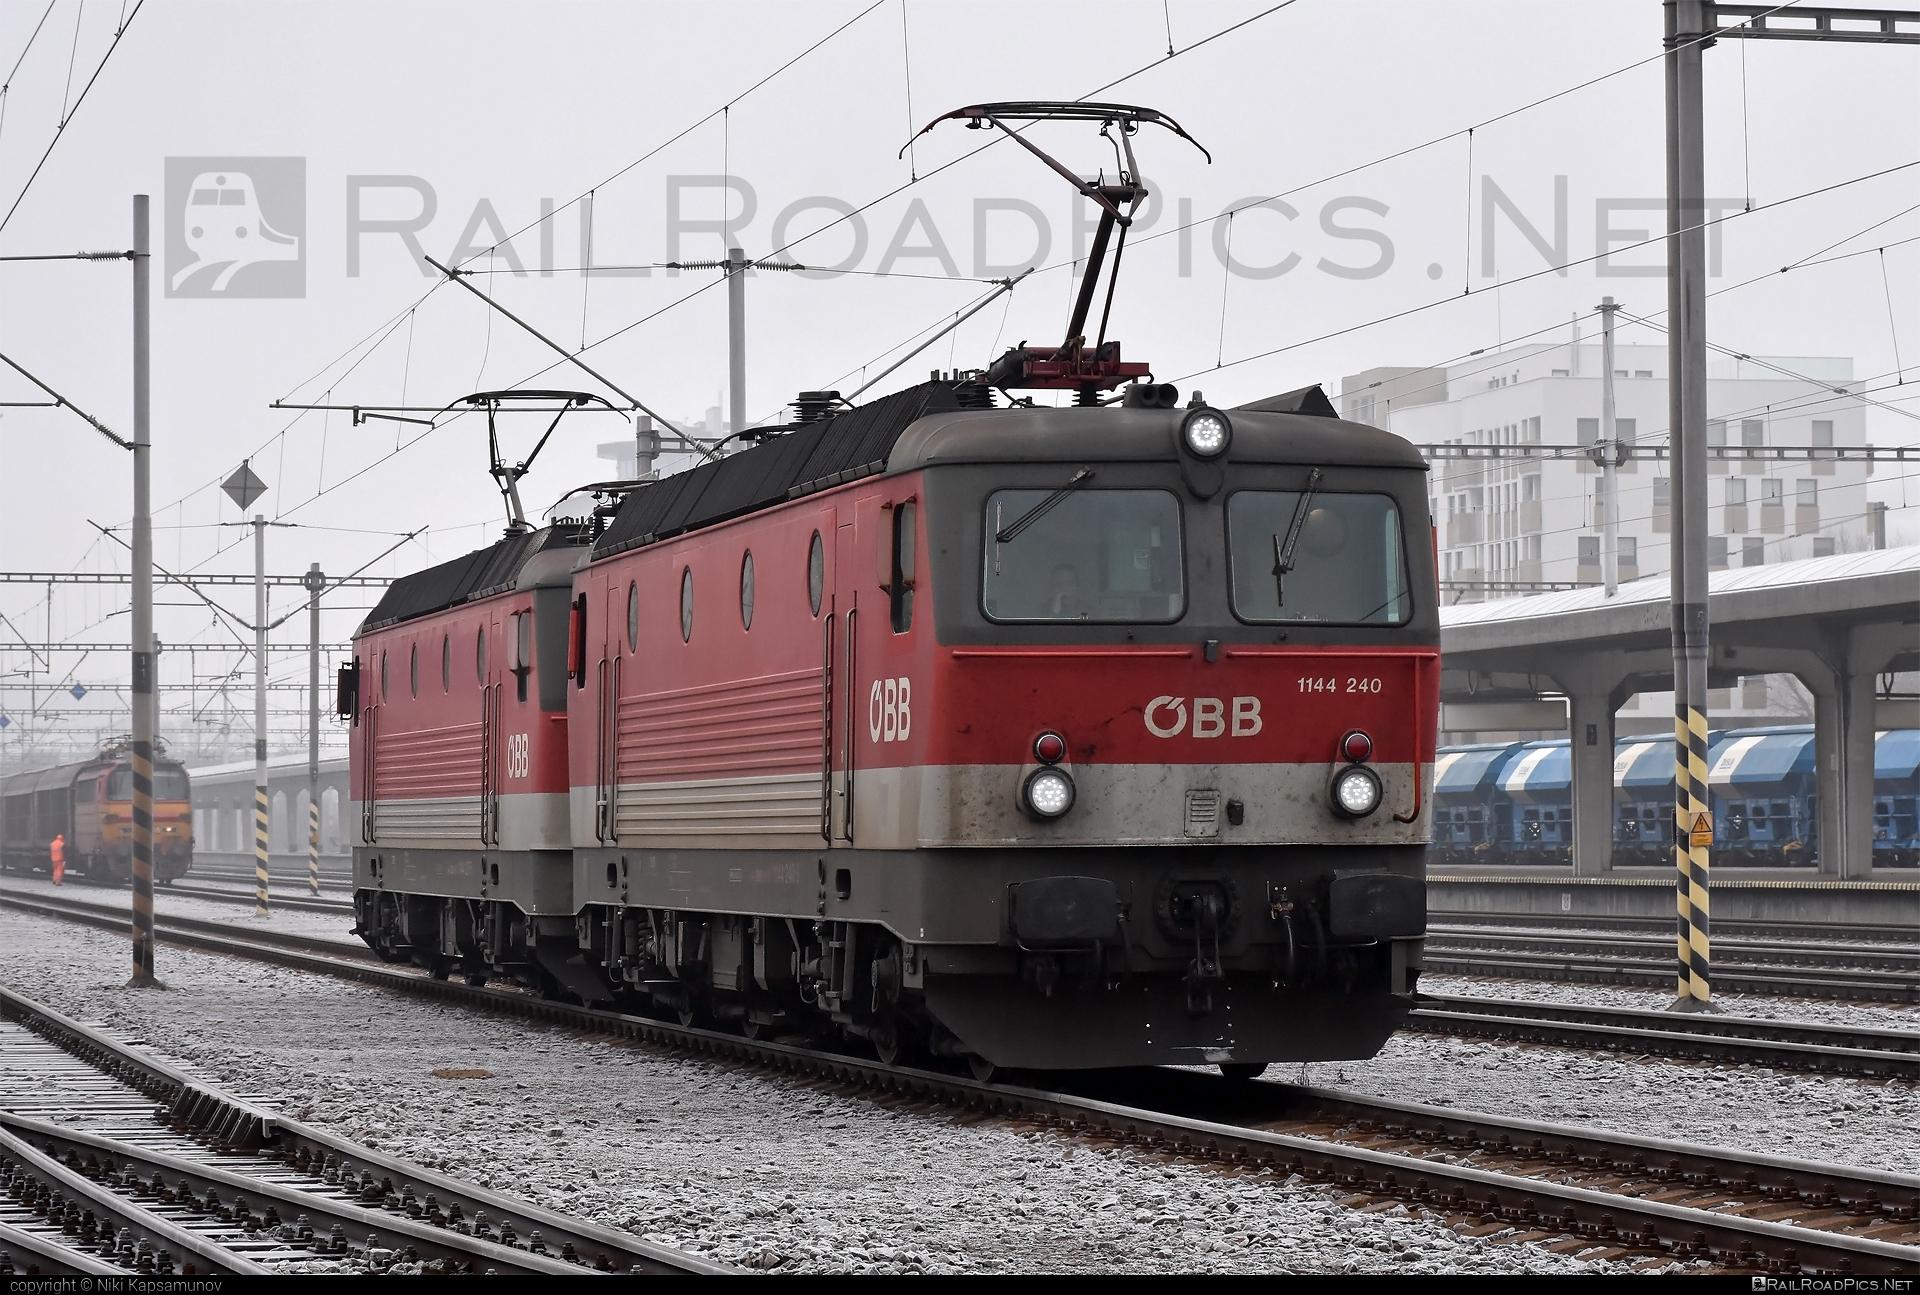 SGP ÖBB Class 1144 - 1144 240 operated by Rail Cargo Austria AG #obb #obbclass1144 #osterreichischebundesbahnen #rcw #sgp #sgp1144 #simmeringgrazpauker